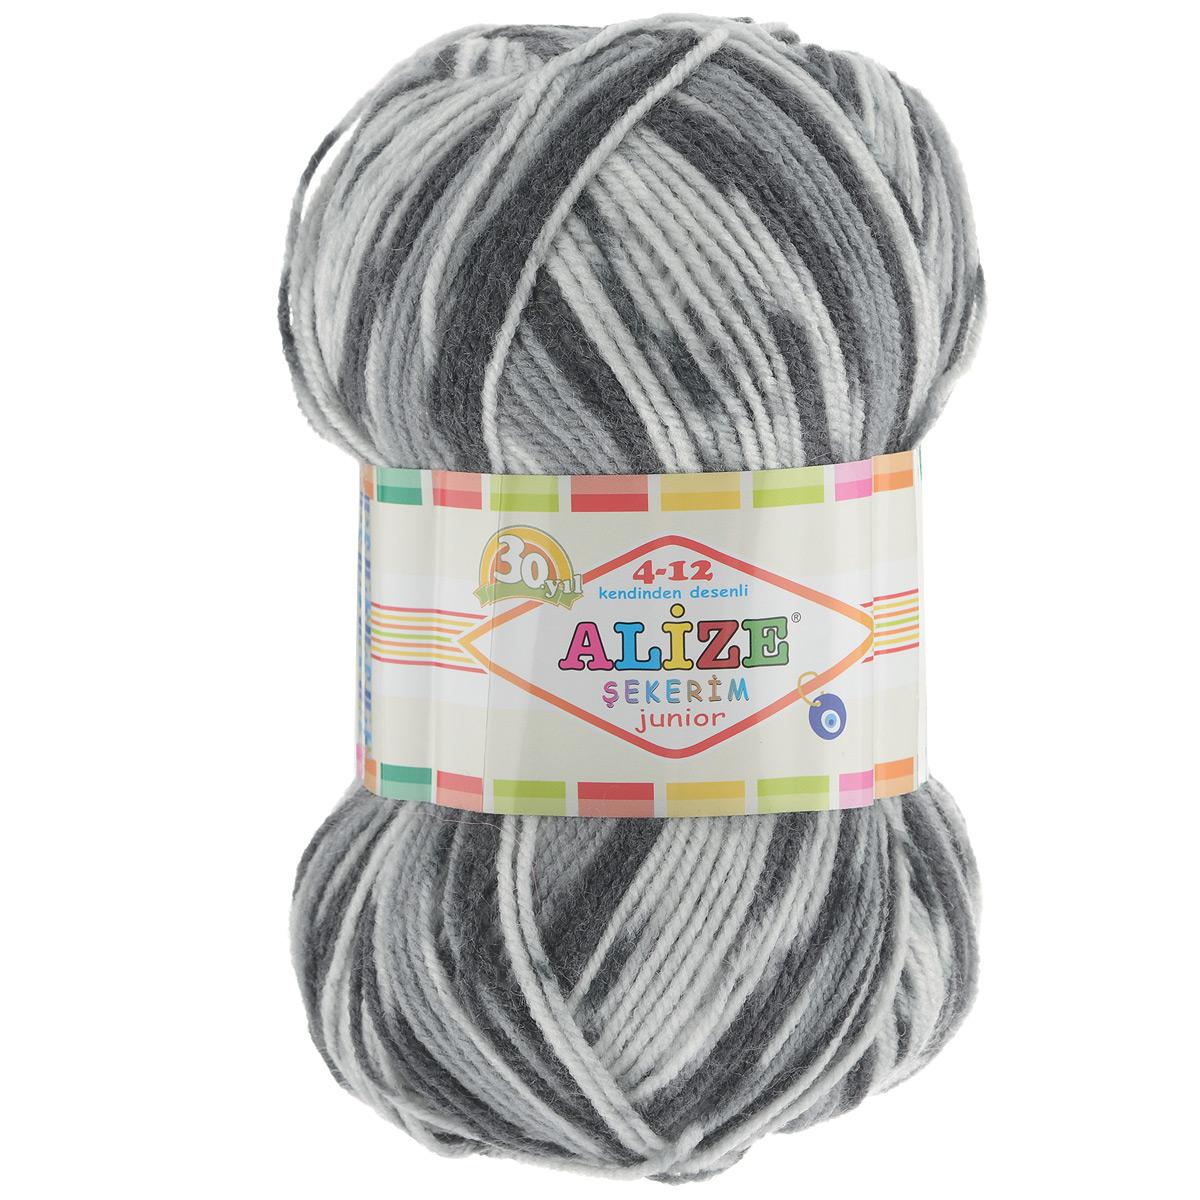 Пряжа для вязания Alize Sekerim Junior, цвет: черный, серый, белый (711), 320 м, 100 г, 5 шт цена